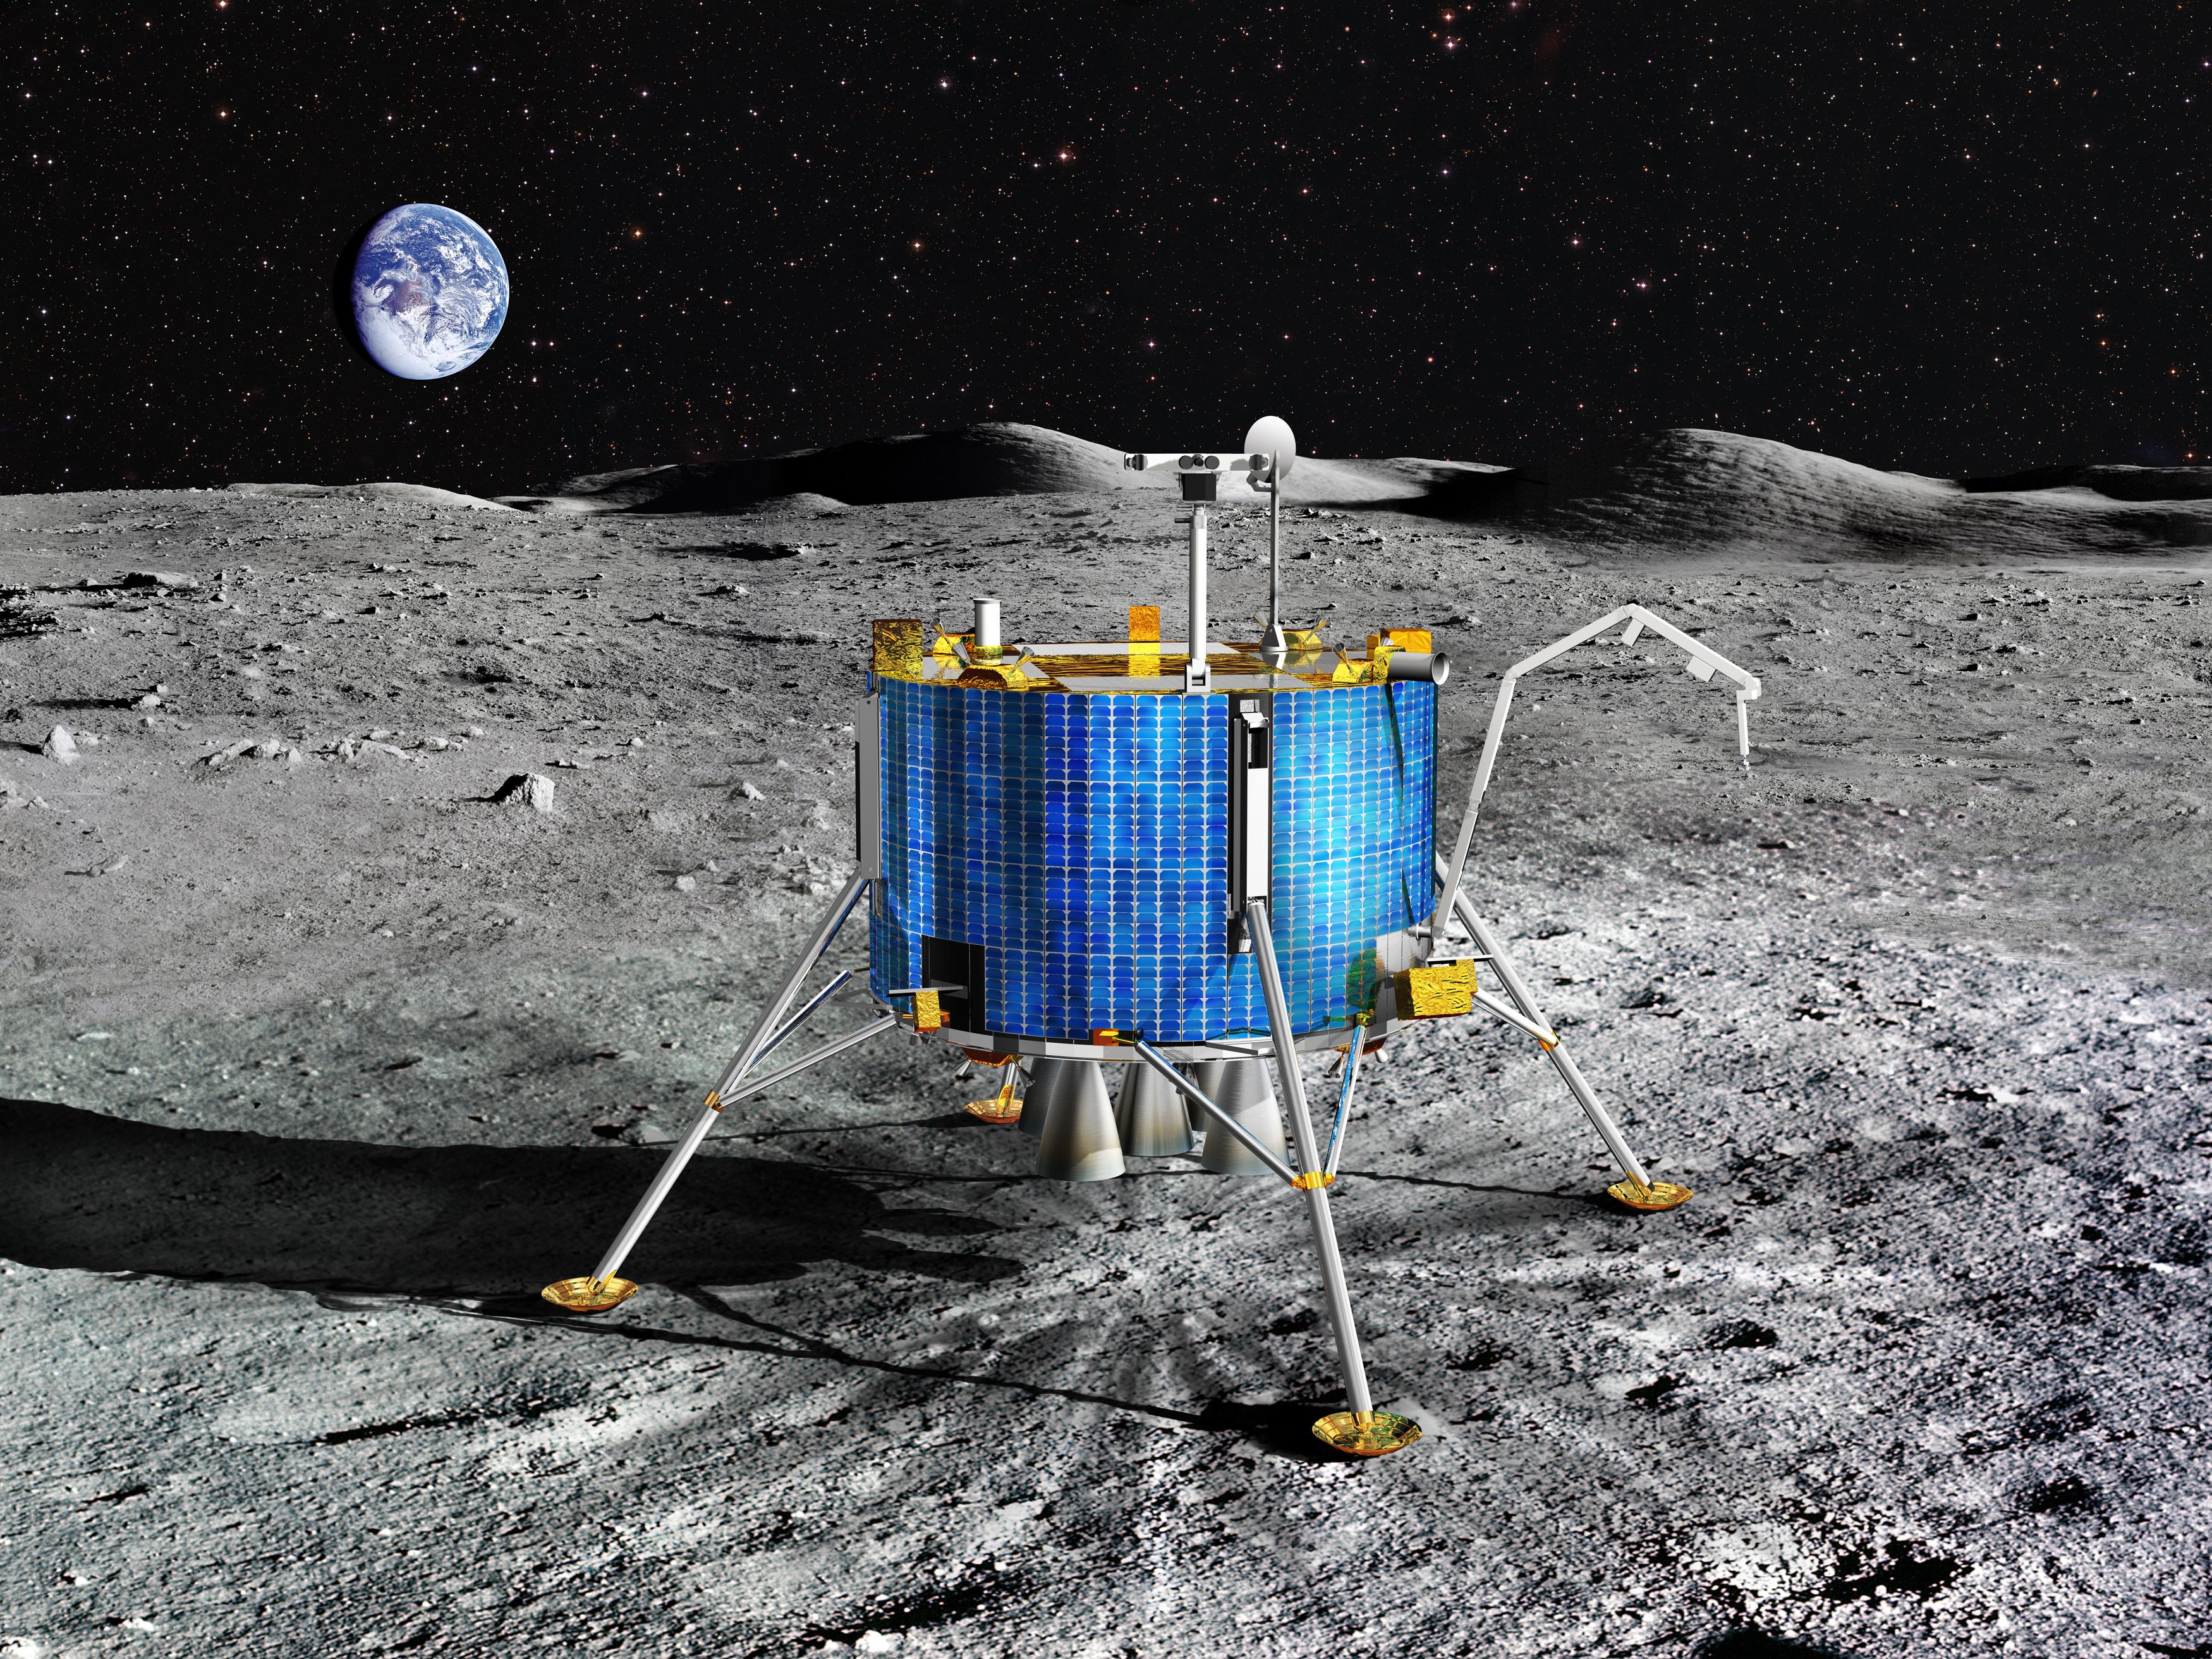 space lunar lander - photo #15